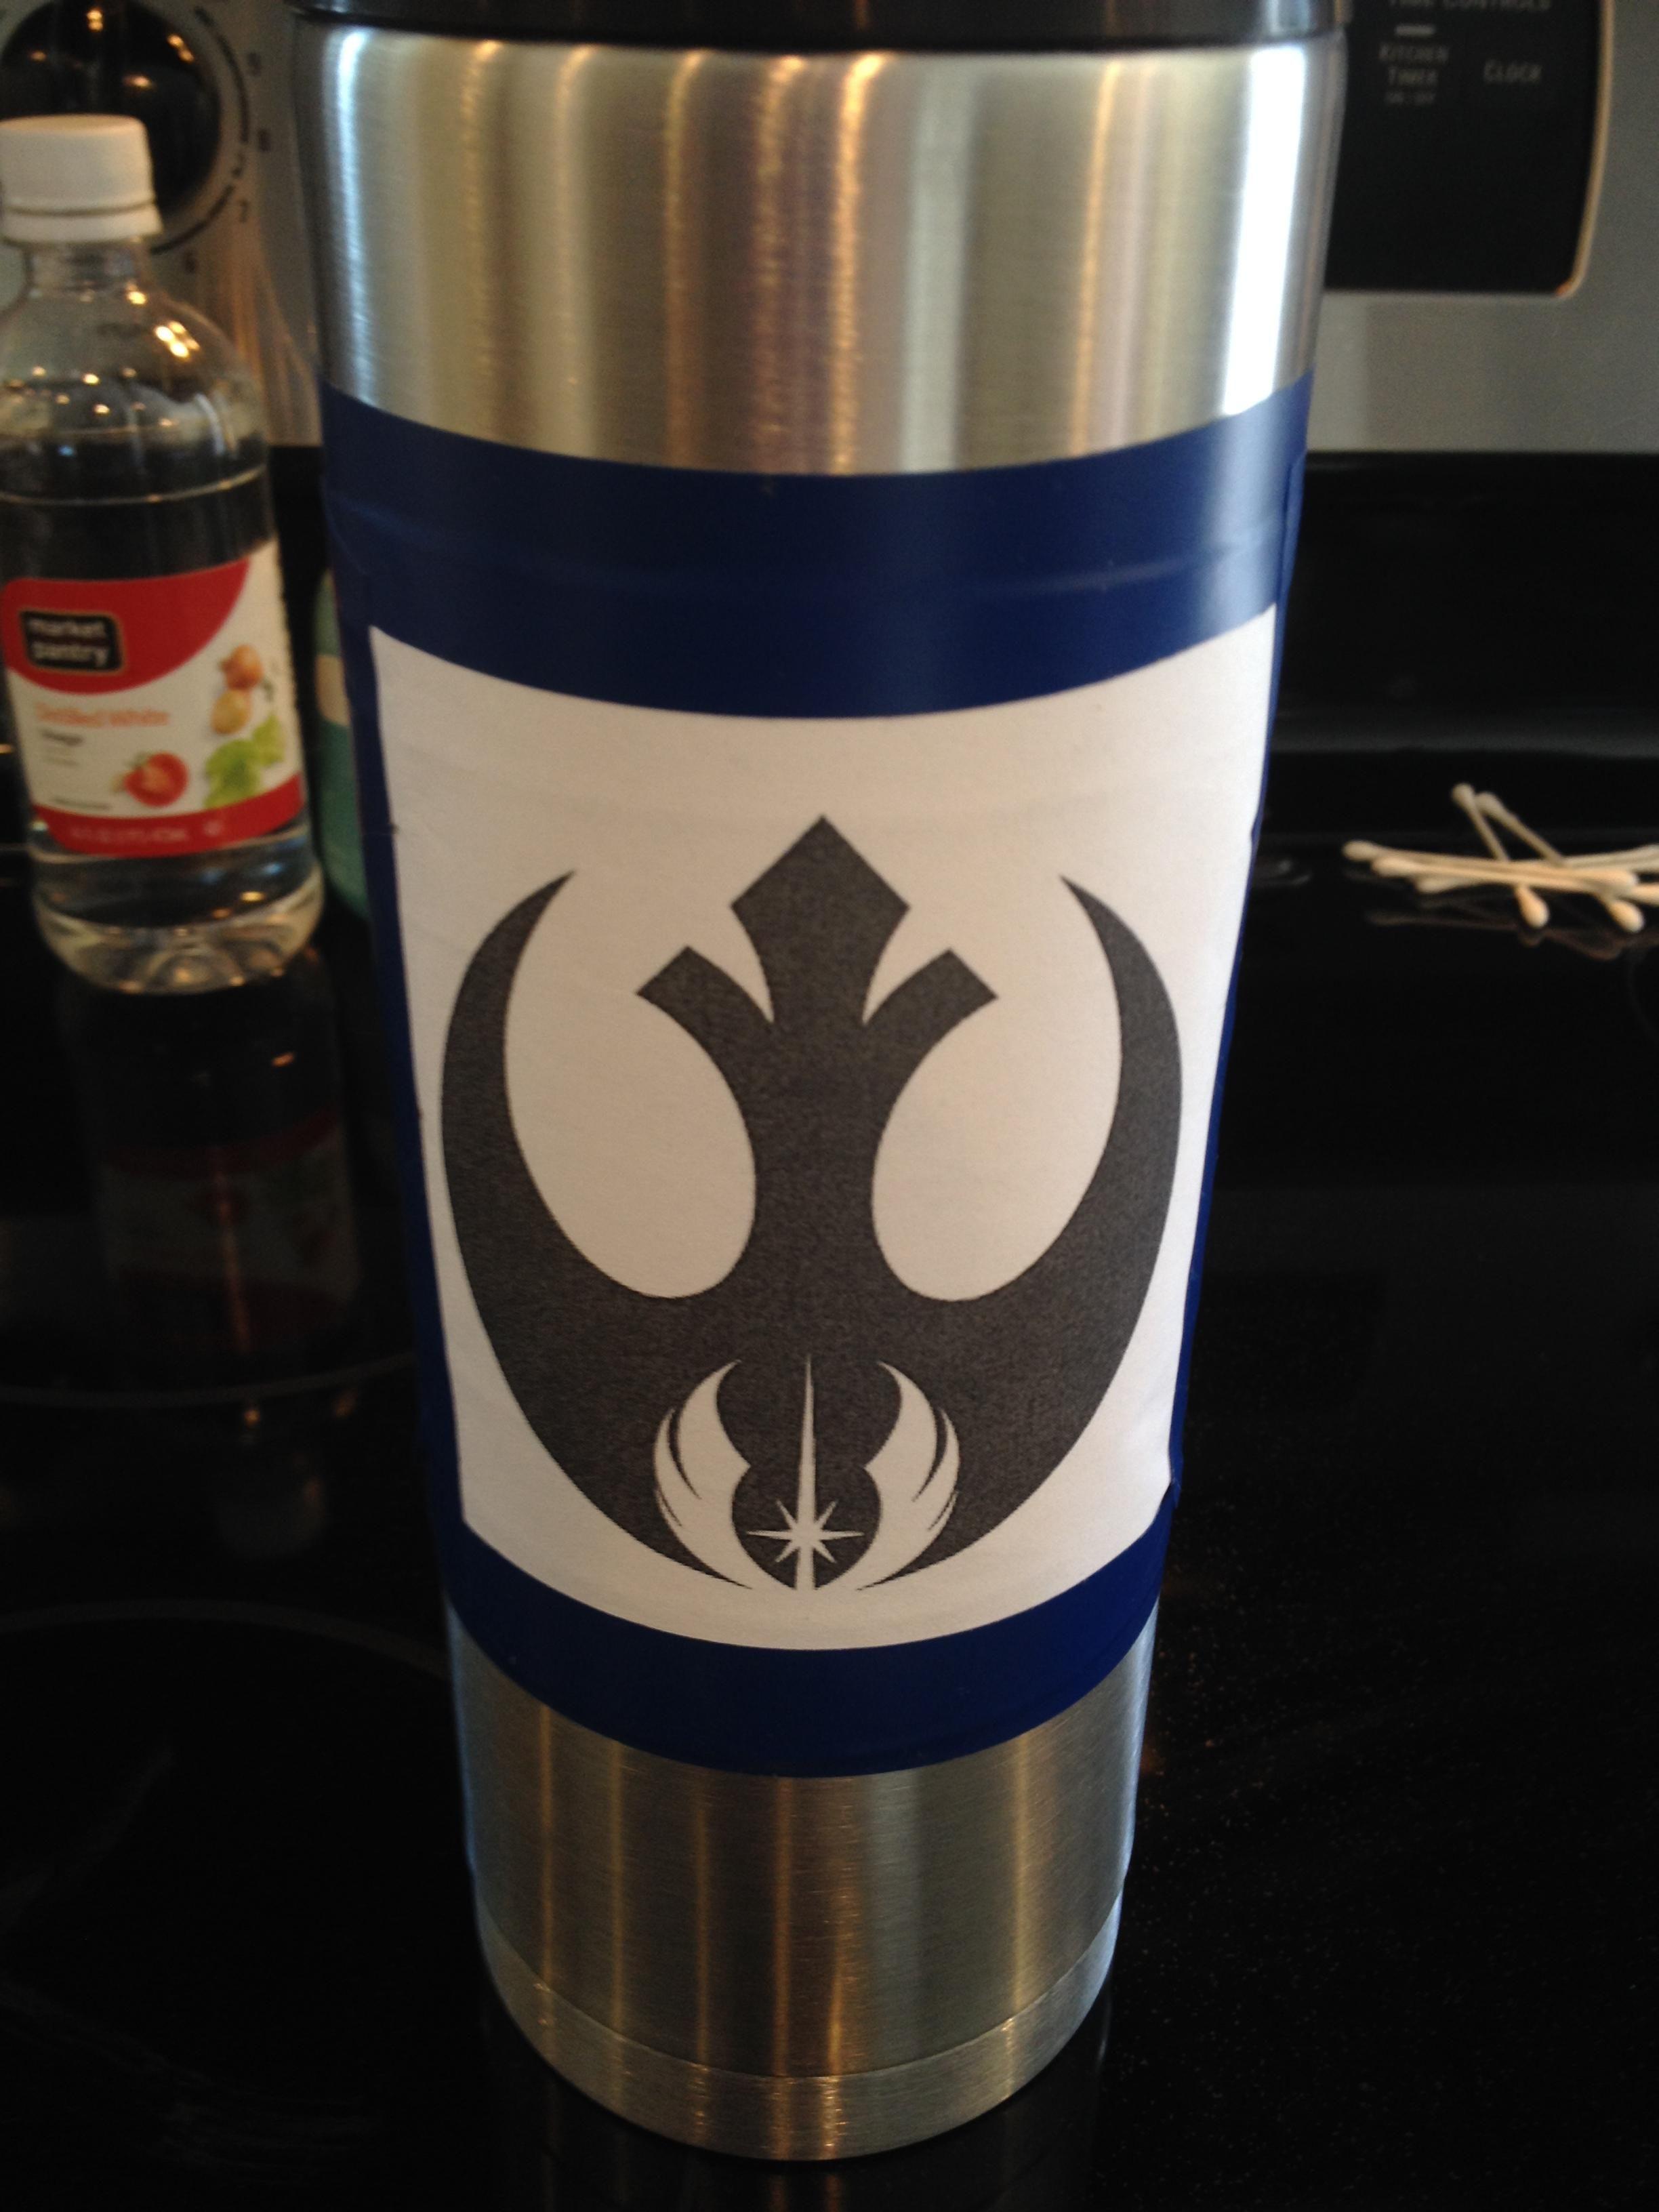 Wars Star Coffee Ideas Mugs MugthermosCraft Yyb76gvf